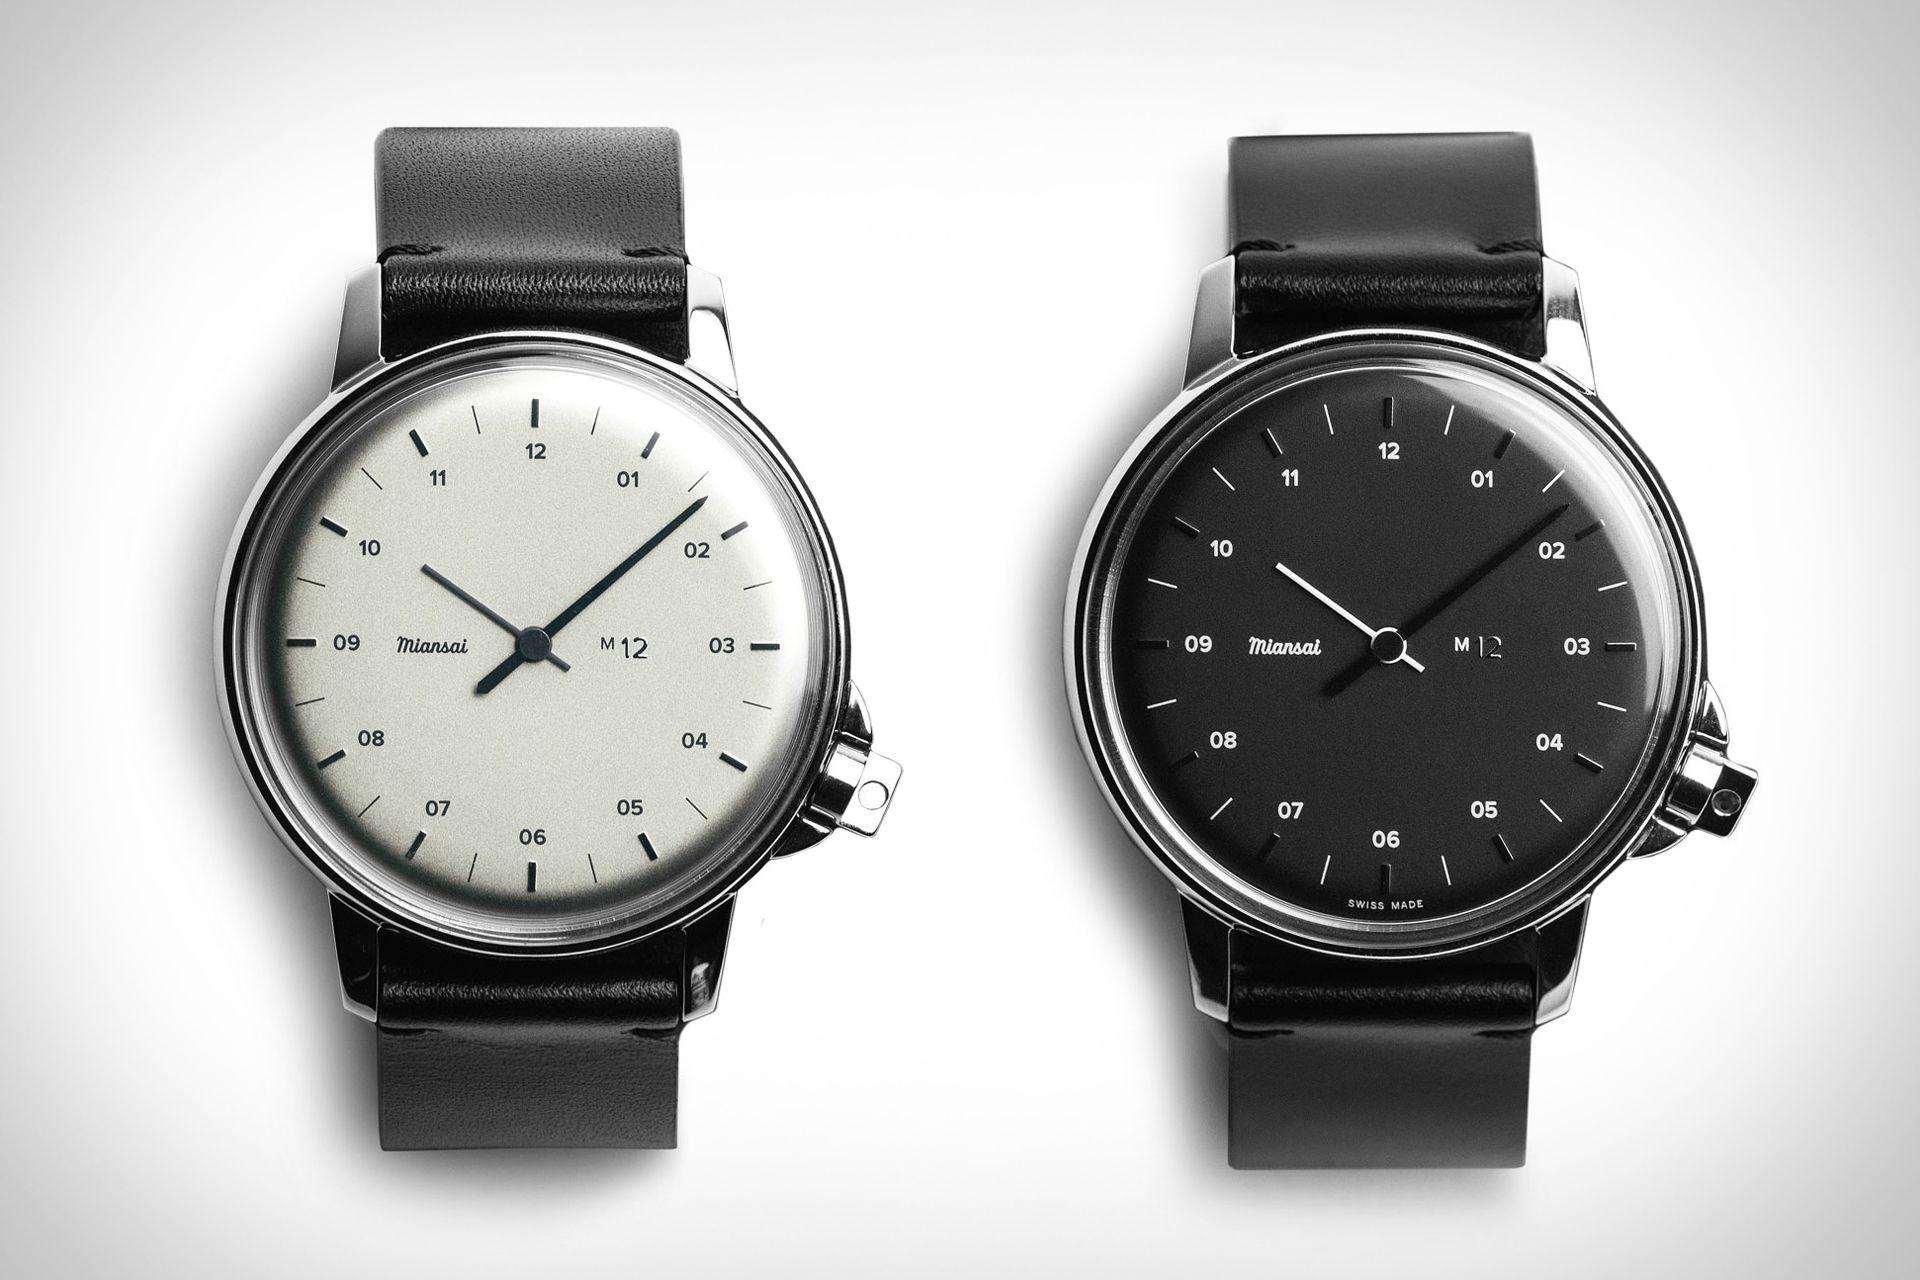 Miansai M12 Watch Stylish Watches Minimal Watch Minimalist Watch [ 1280 x 1920 Pixel ]